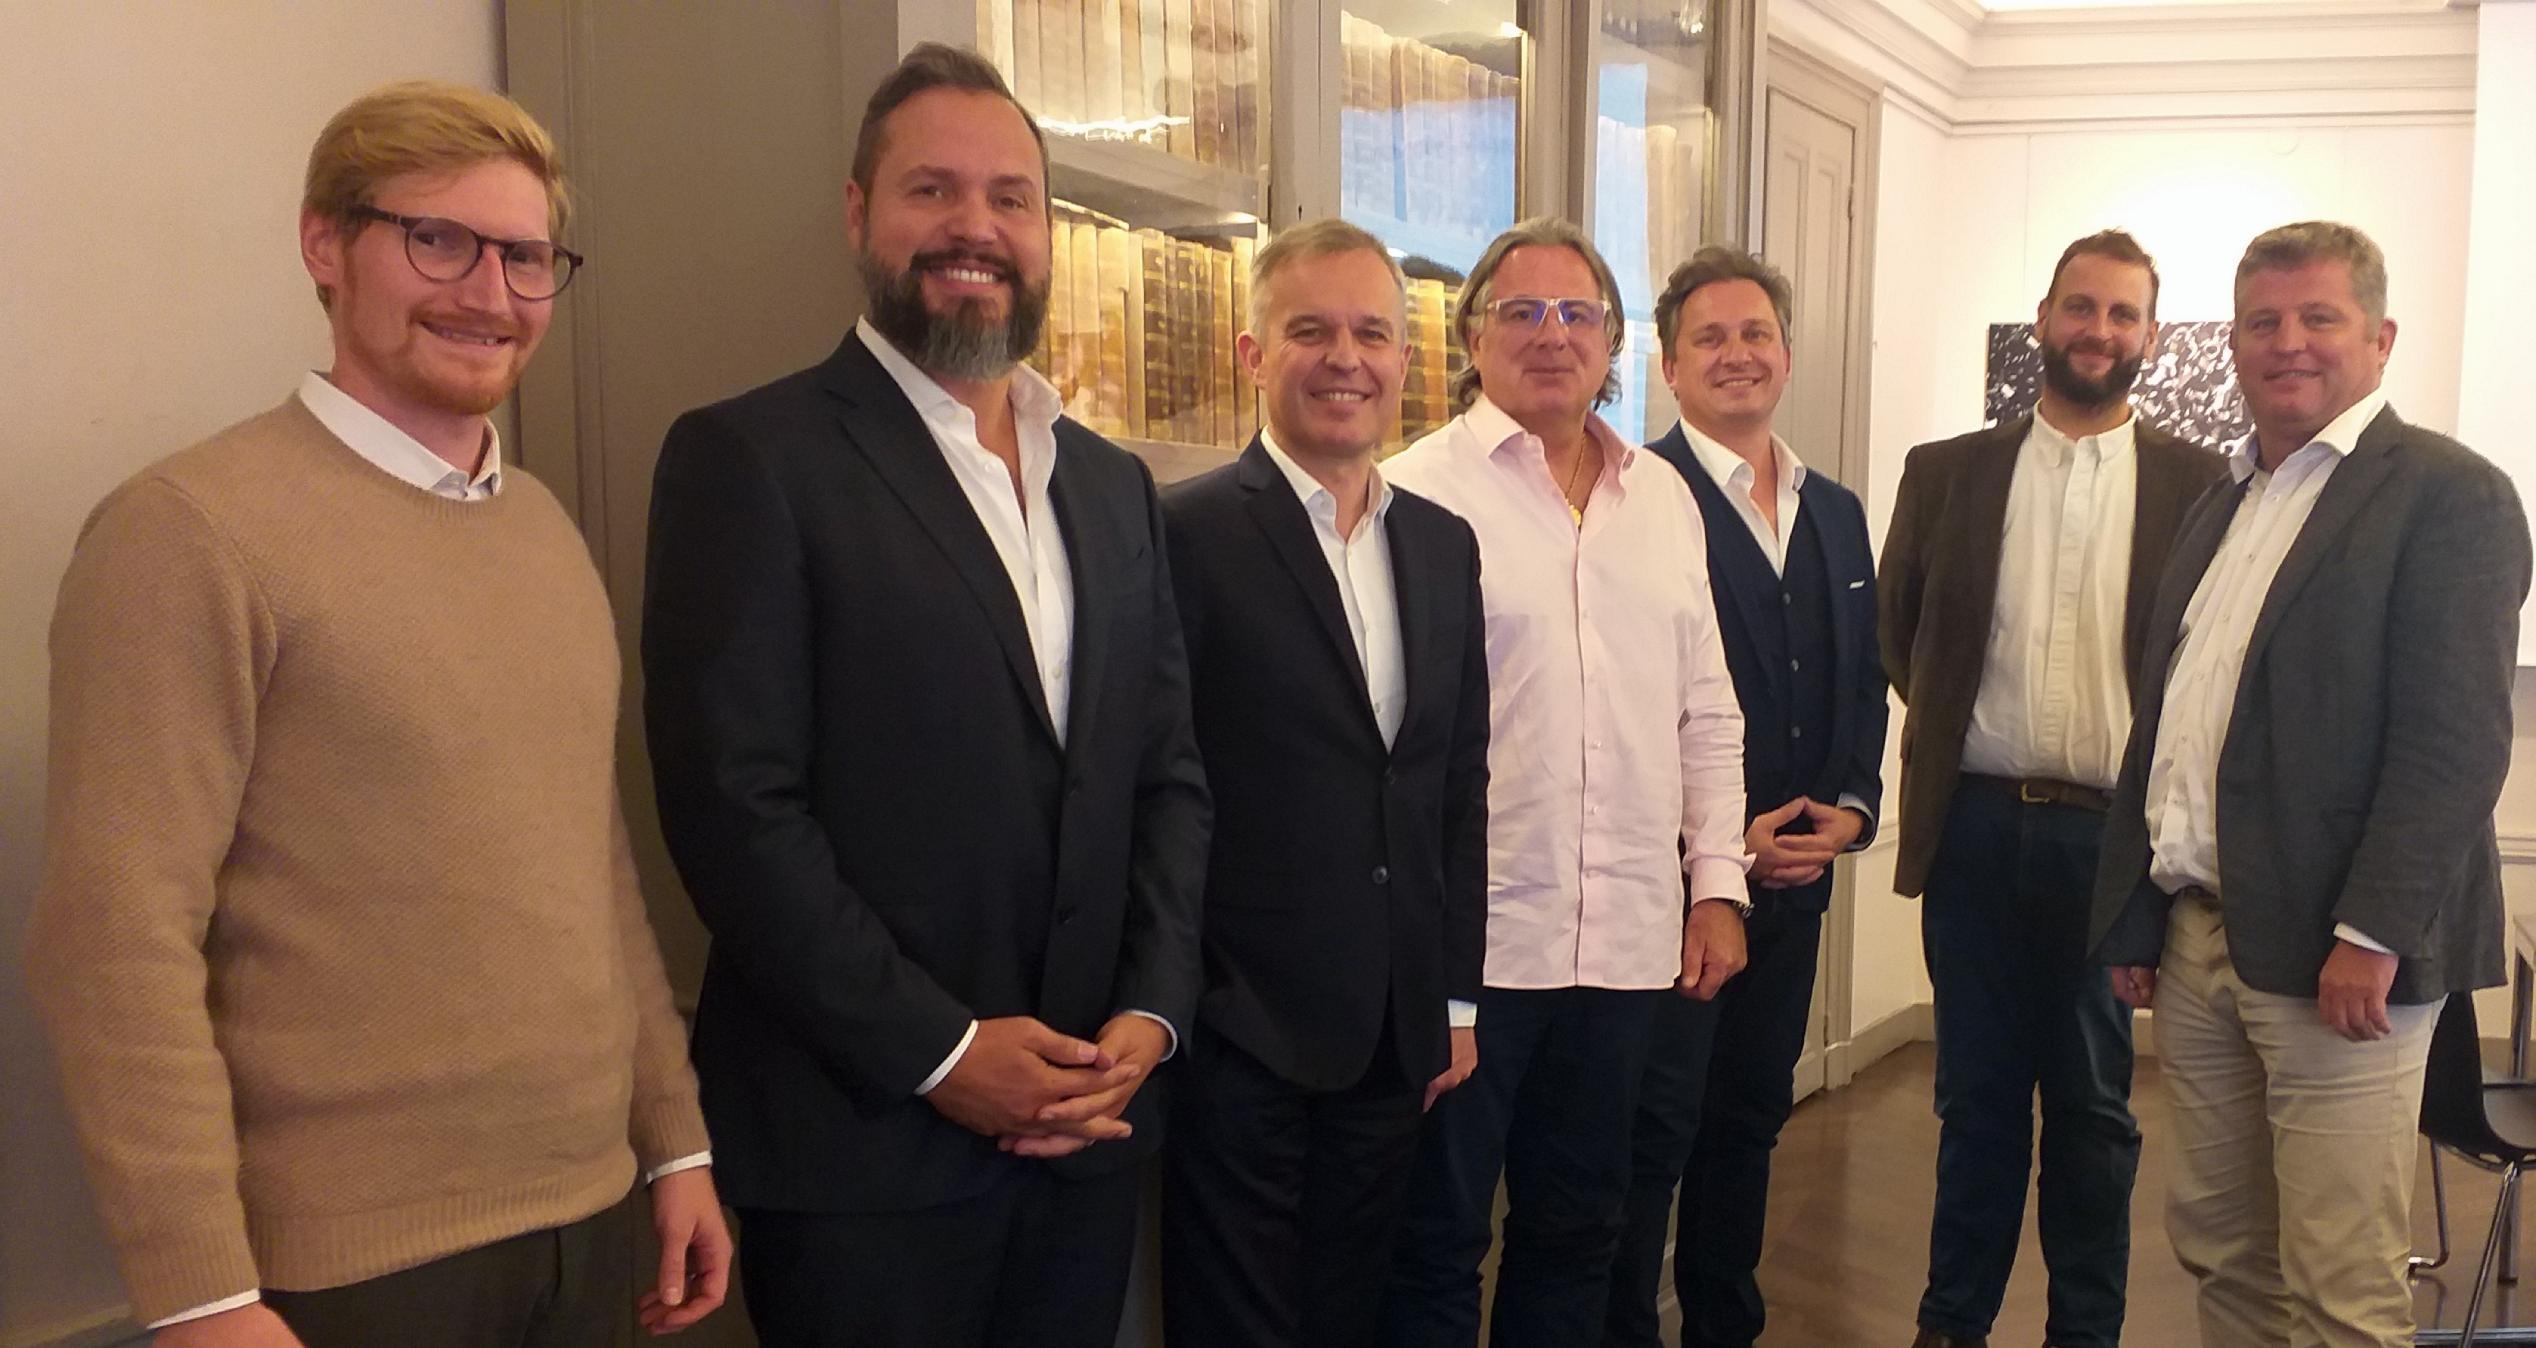 25 septembre 2020 - Nomination de Monsieur François de RUGY en qualité de Président d'Honneur de l'OCCE